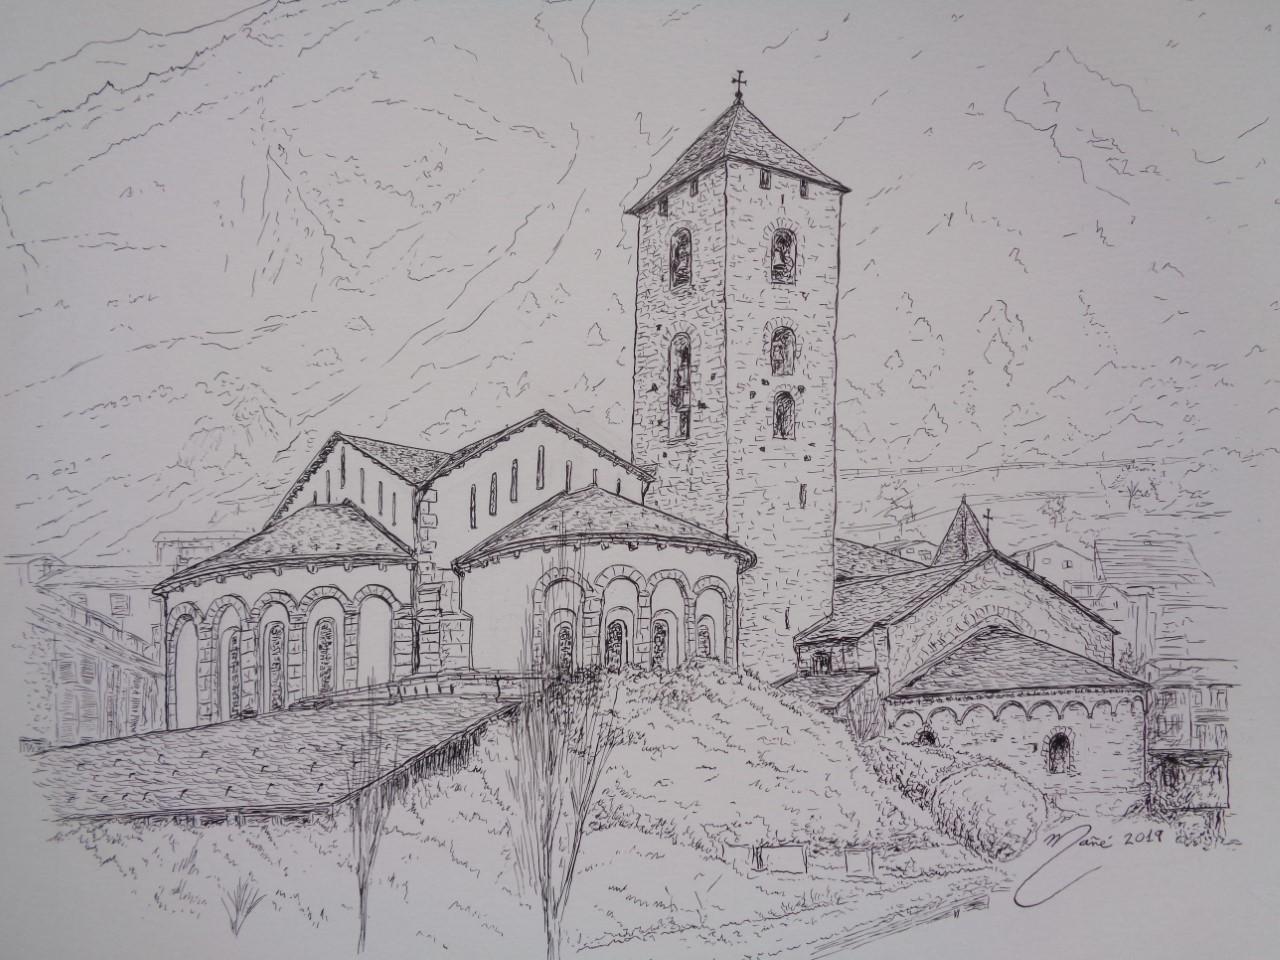 L'eglise Sant Esteve d'Andorre-la-Vieille. Dessin au crayon par Joan Mañé